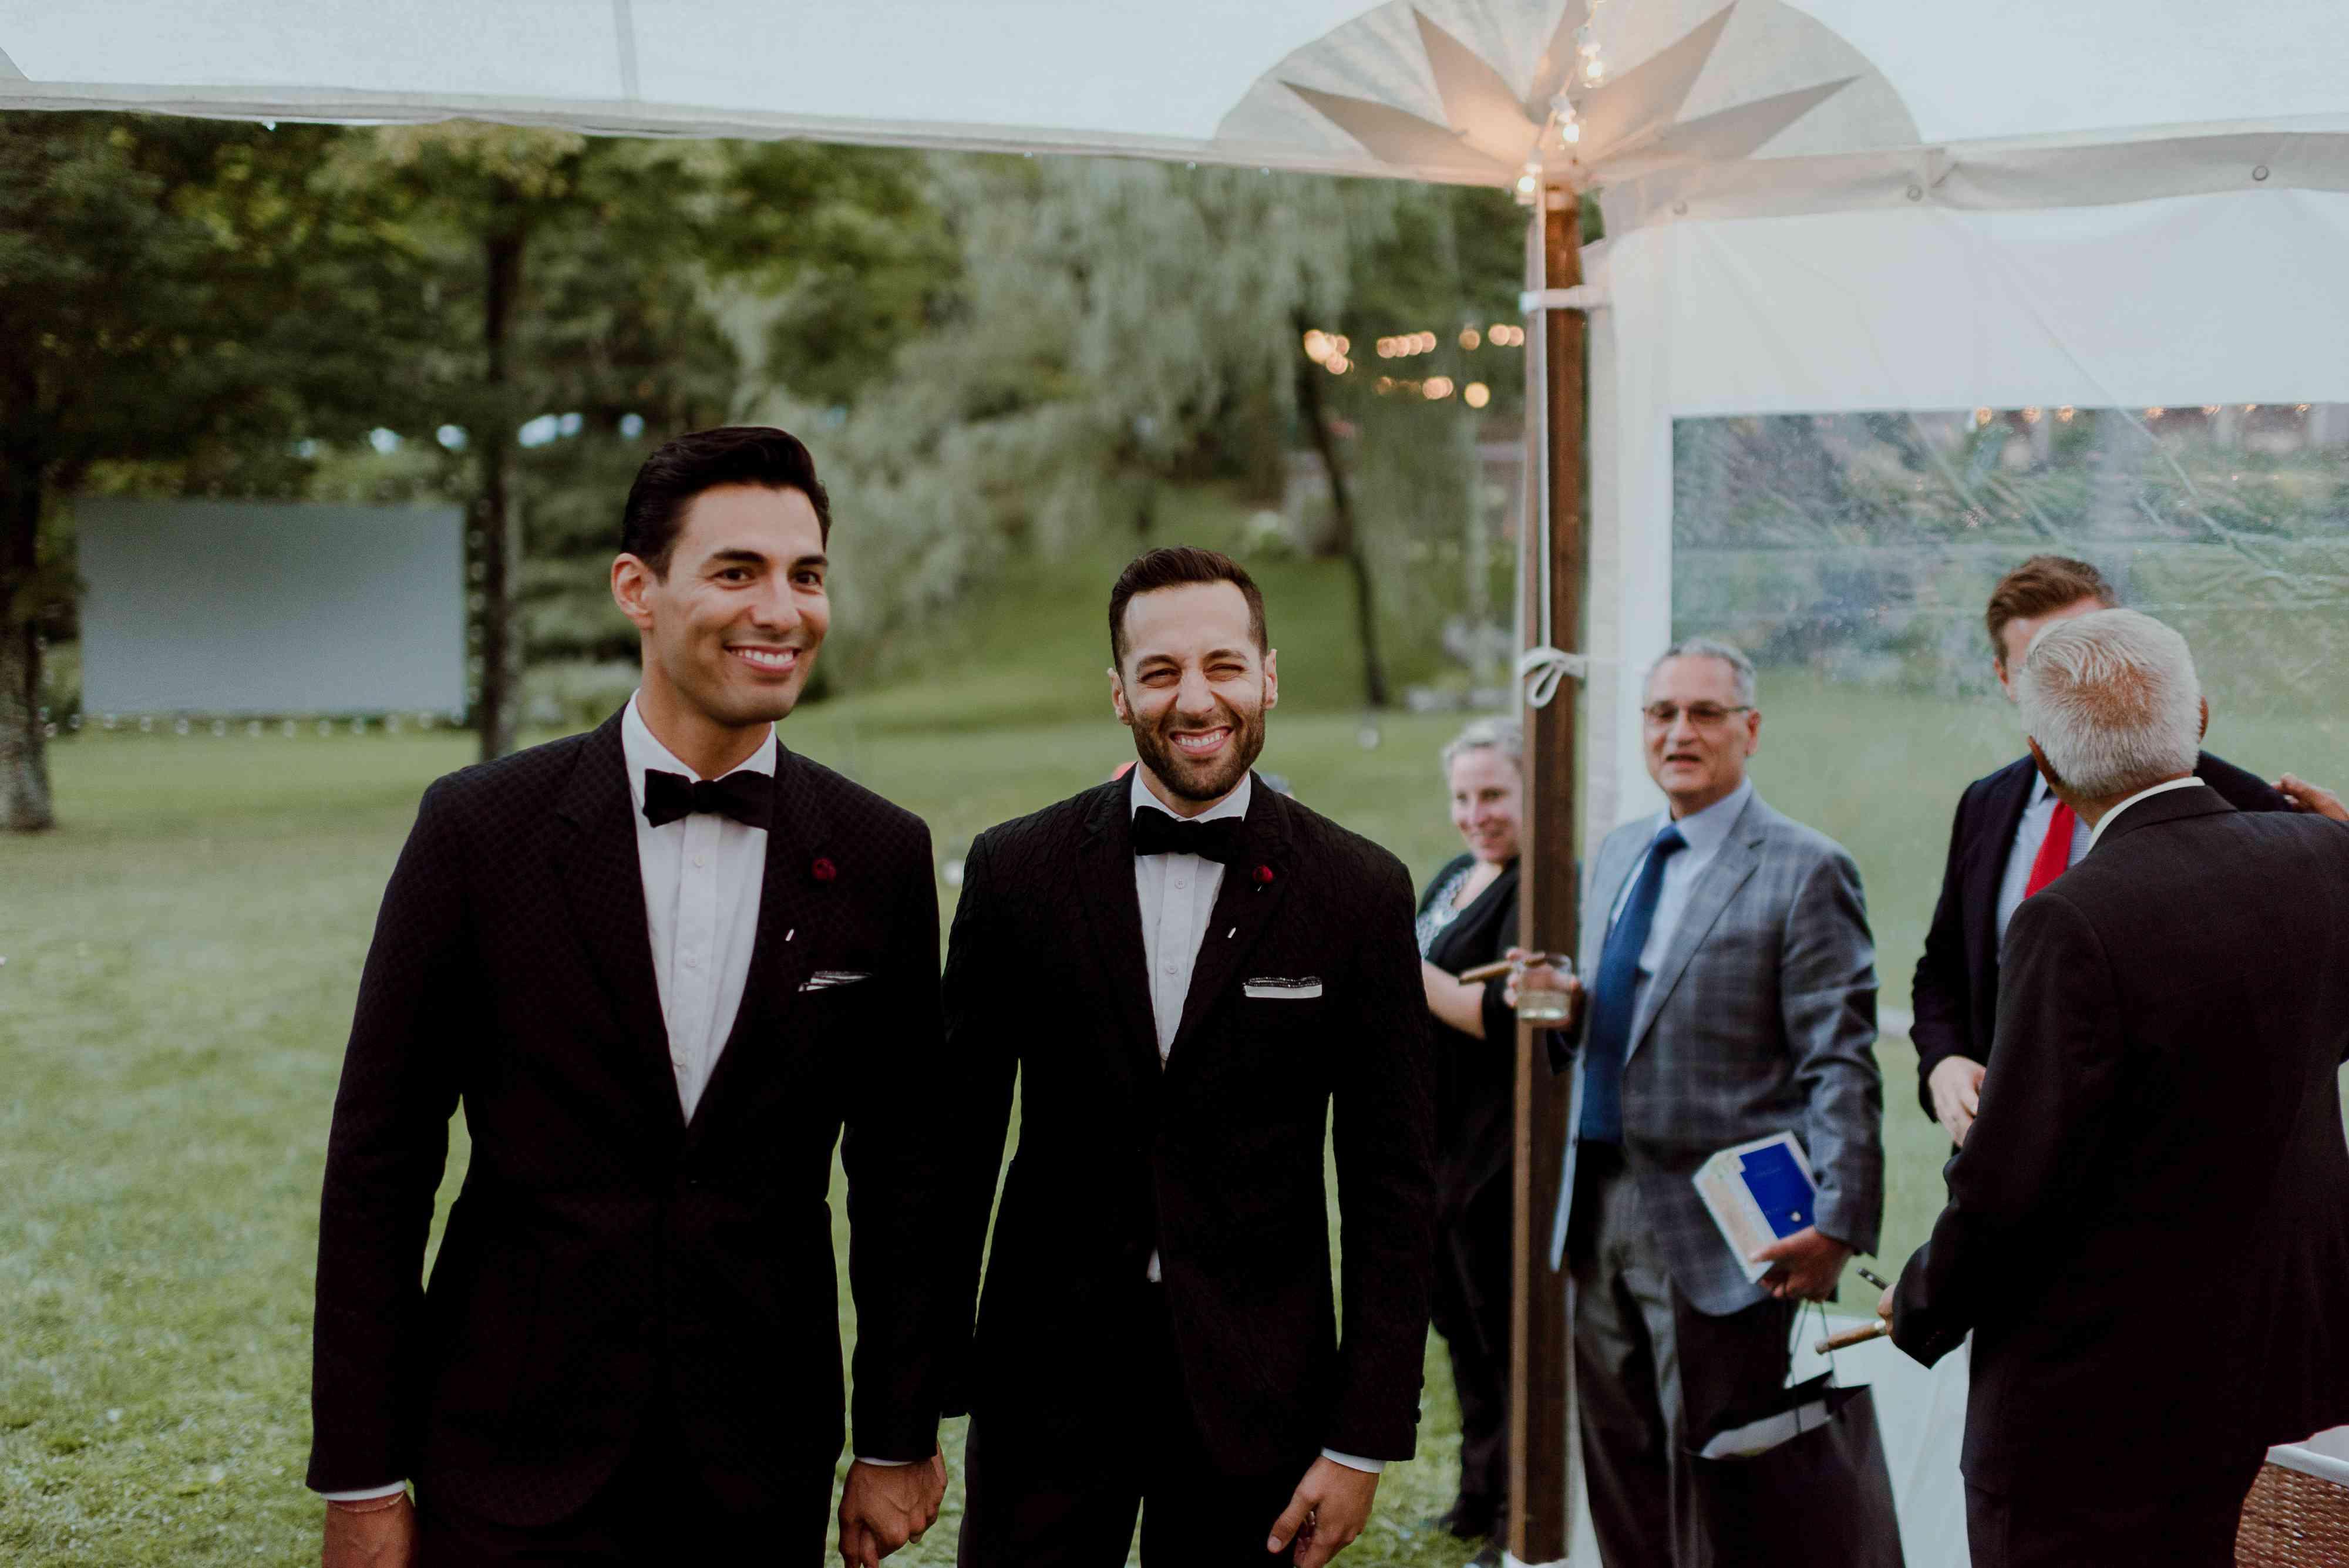 Grooms entering wedding reception